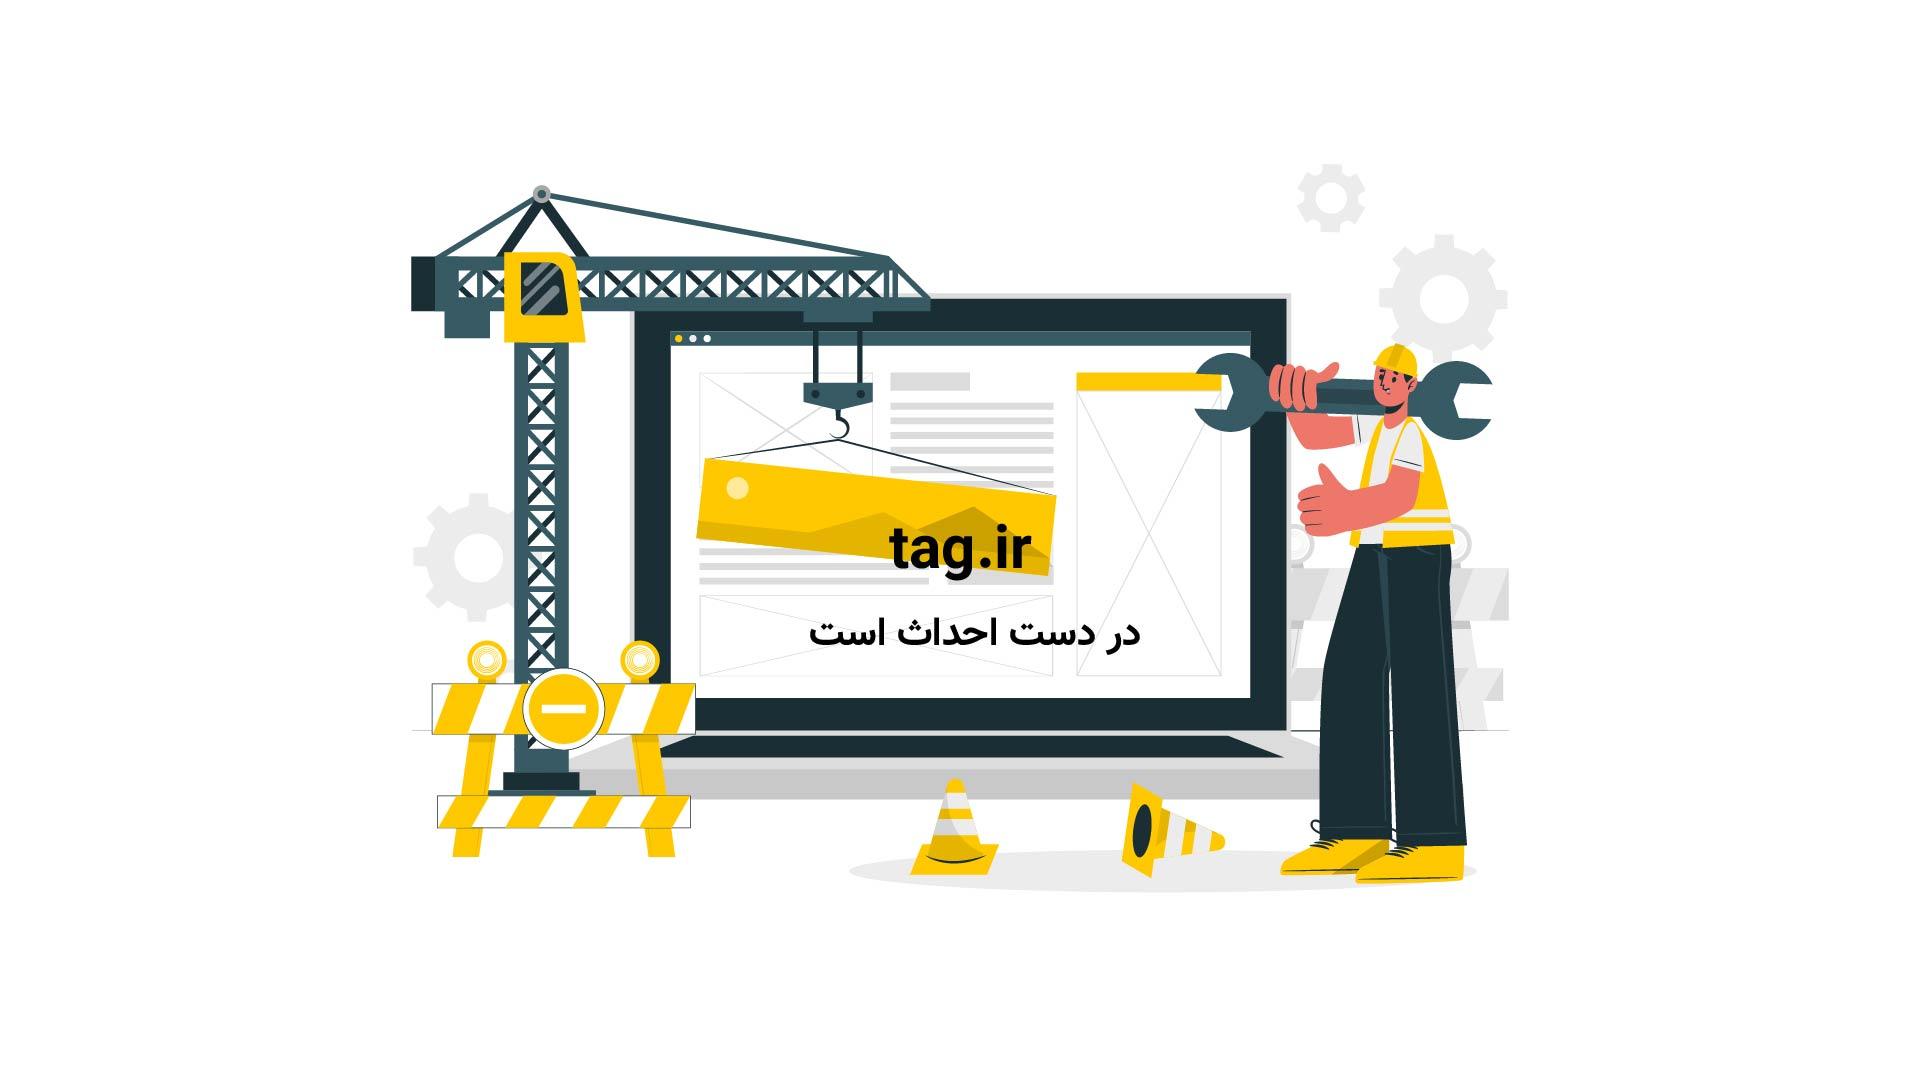 سقوط مرگبار دو کودک از بالکن آپارتمان | فیلم